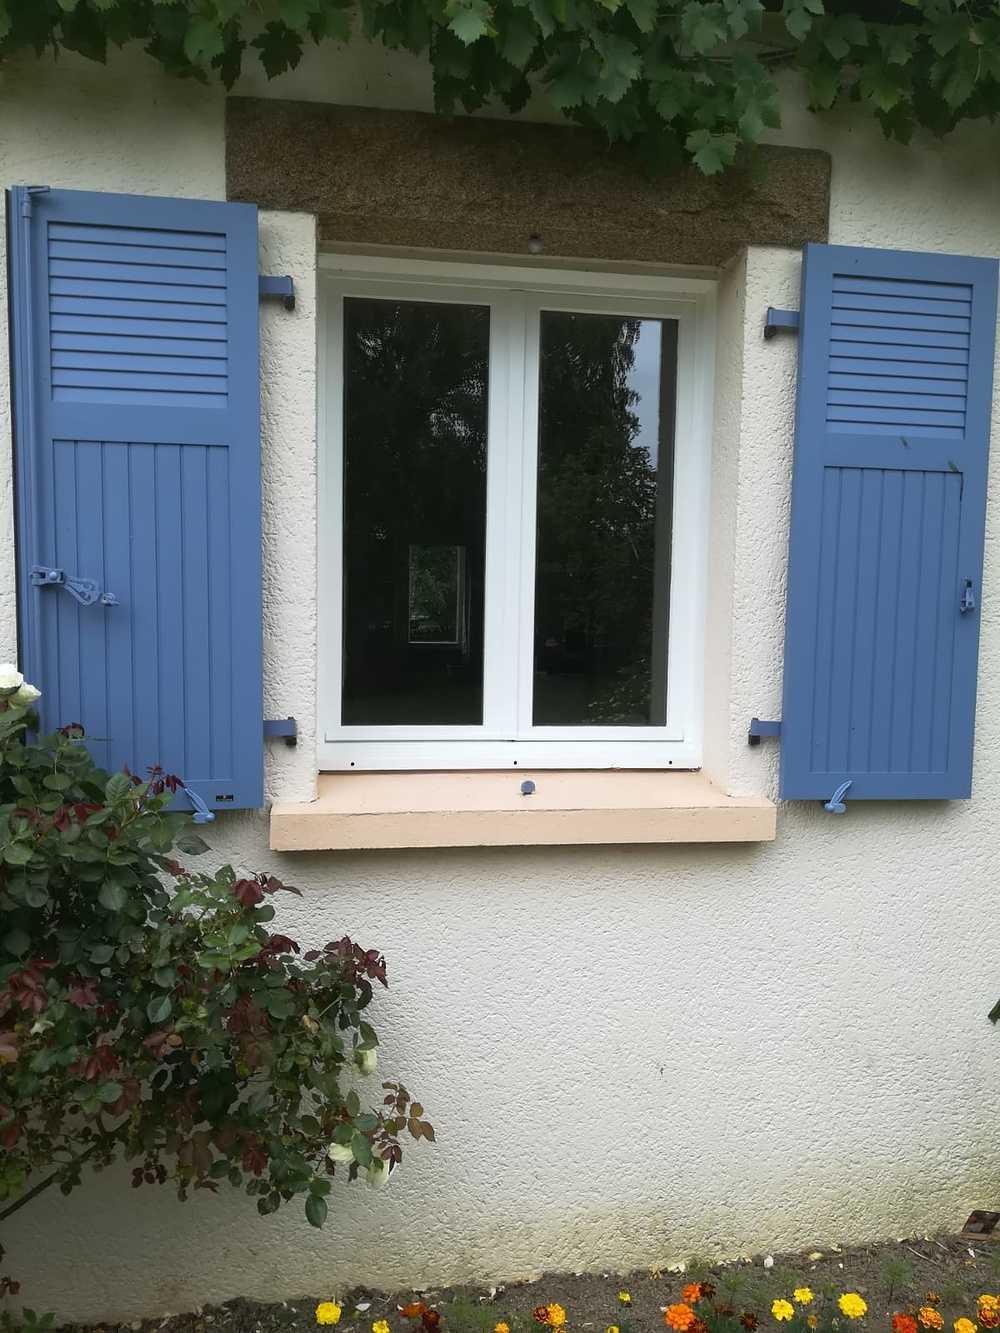 Installation de fenêtres et volets battants - Côtes-d''Armor (22) 0